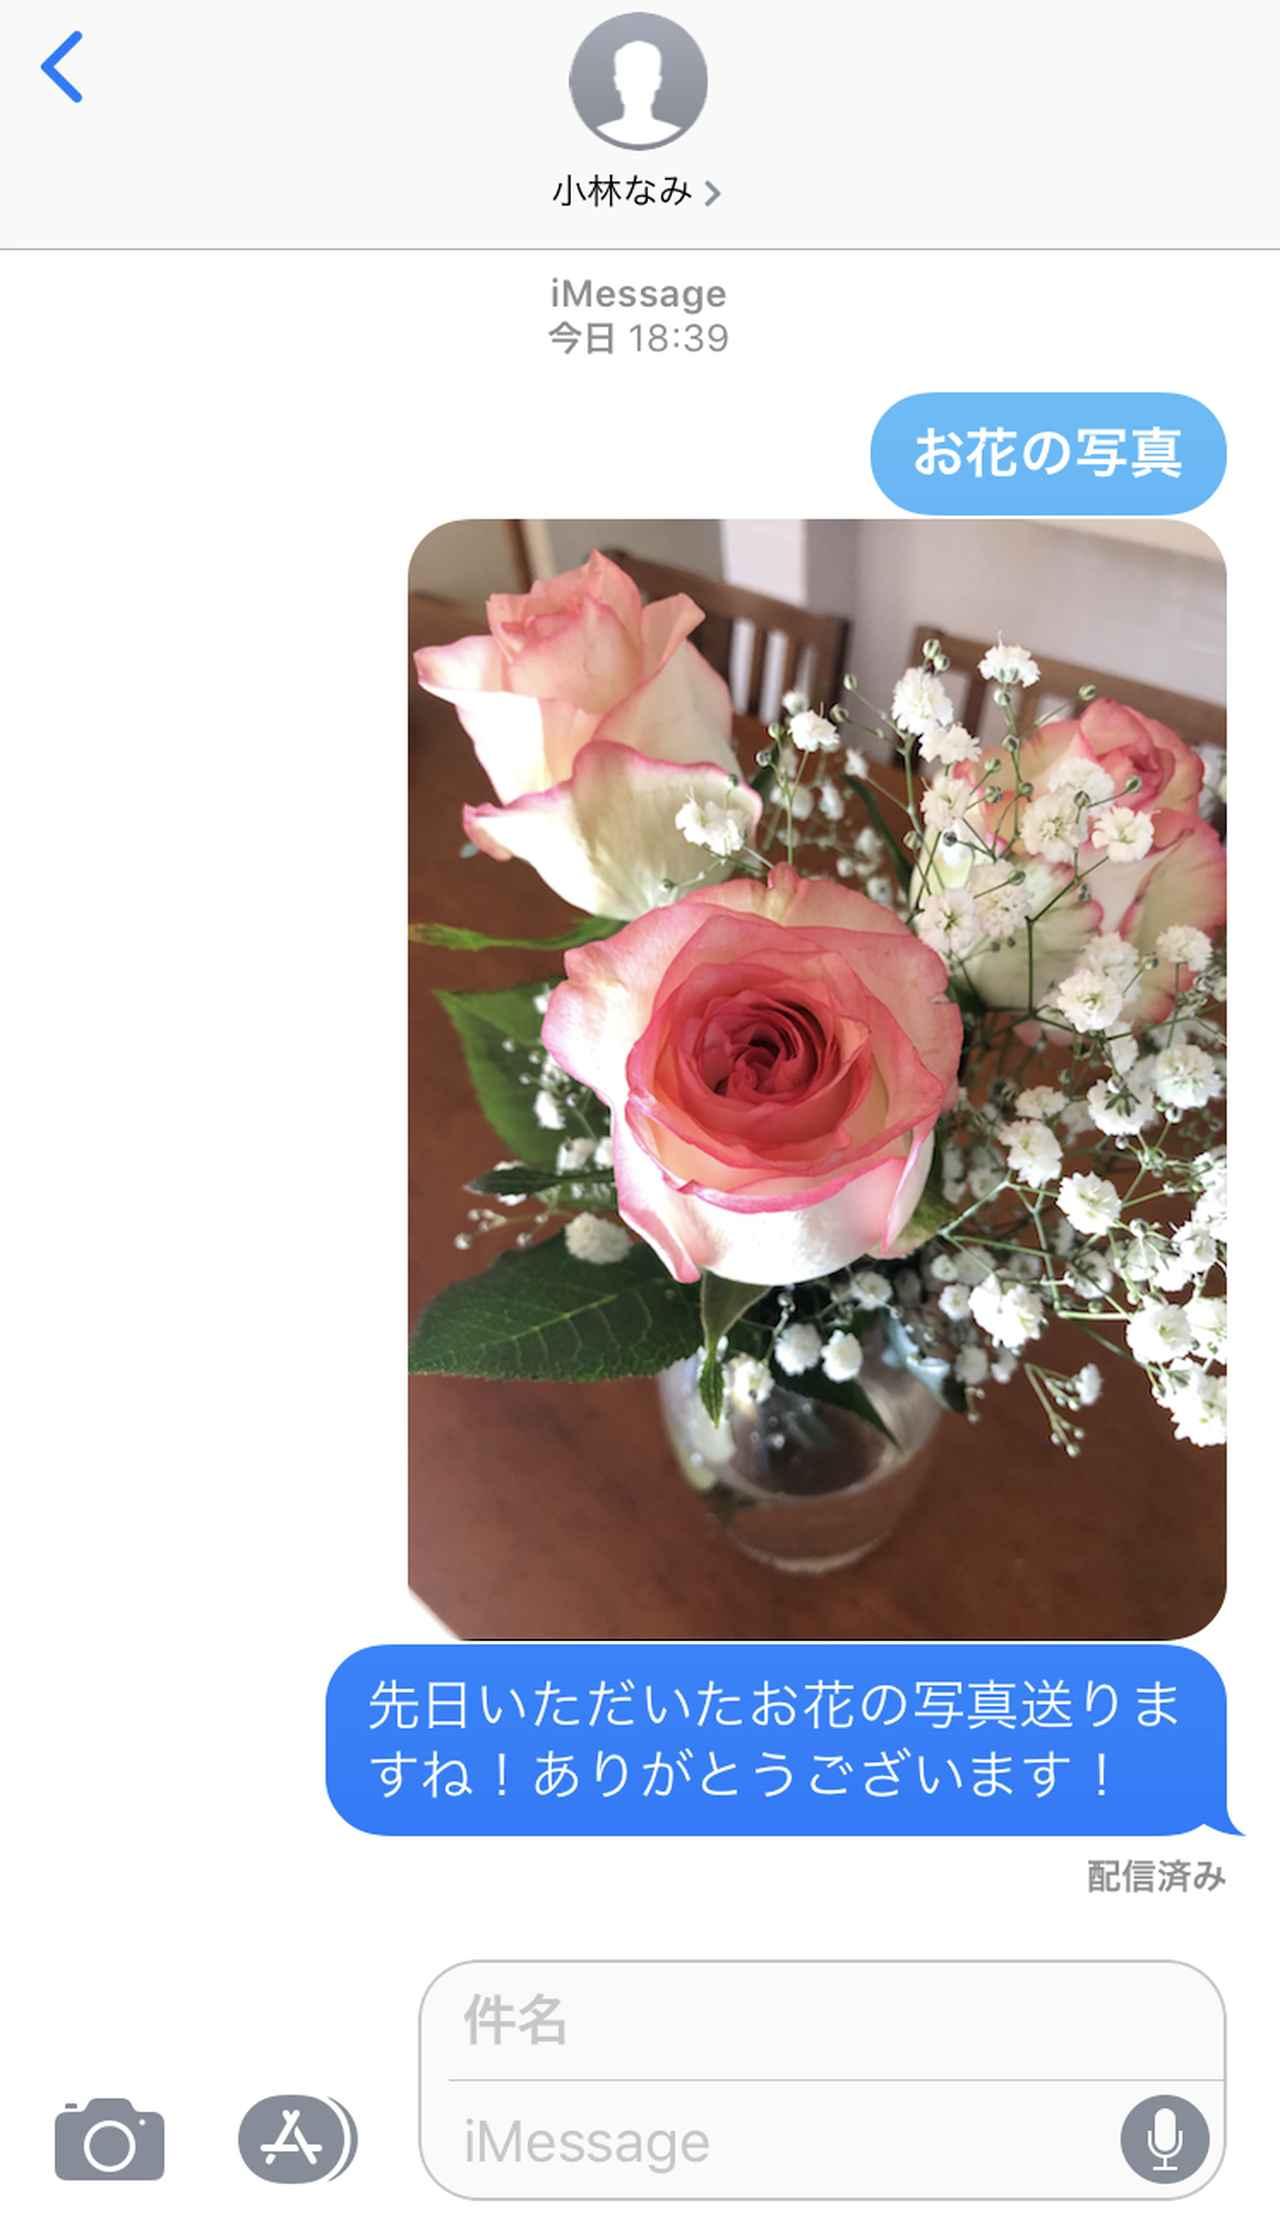 画像: このように、家族や友達に送ることができます。